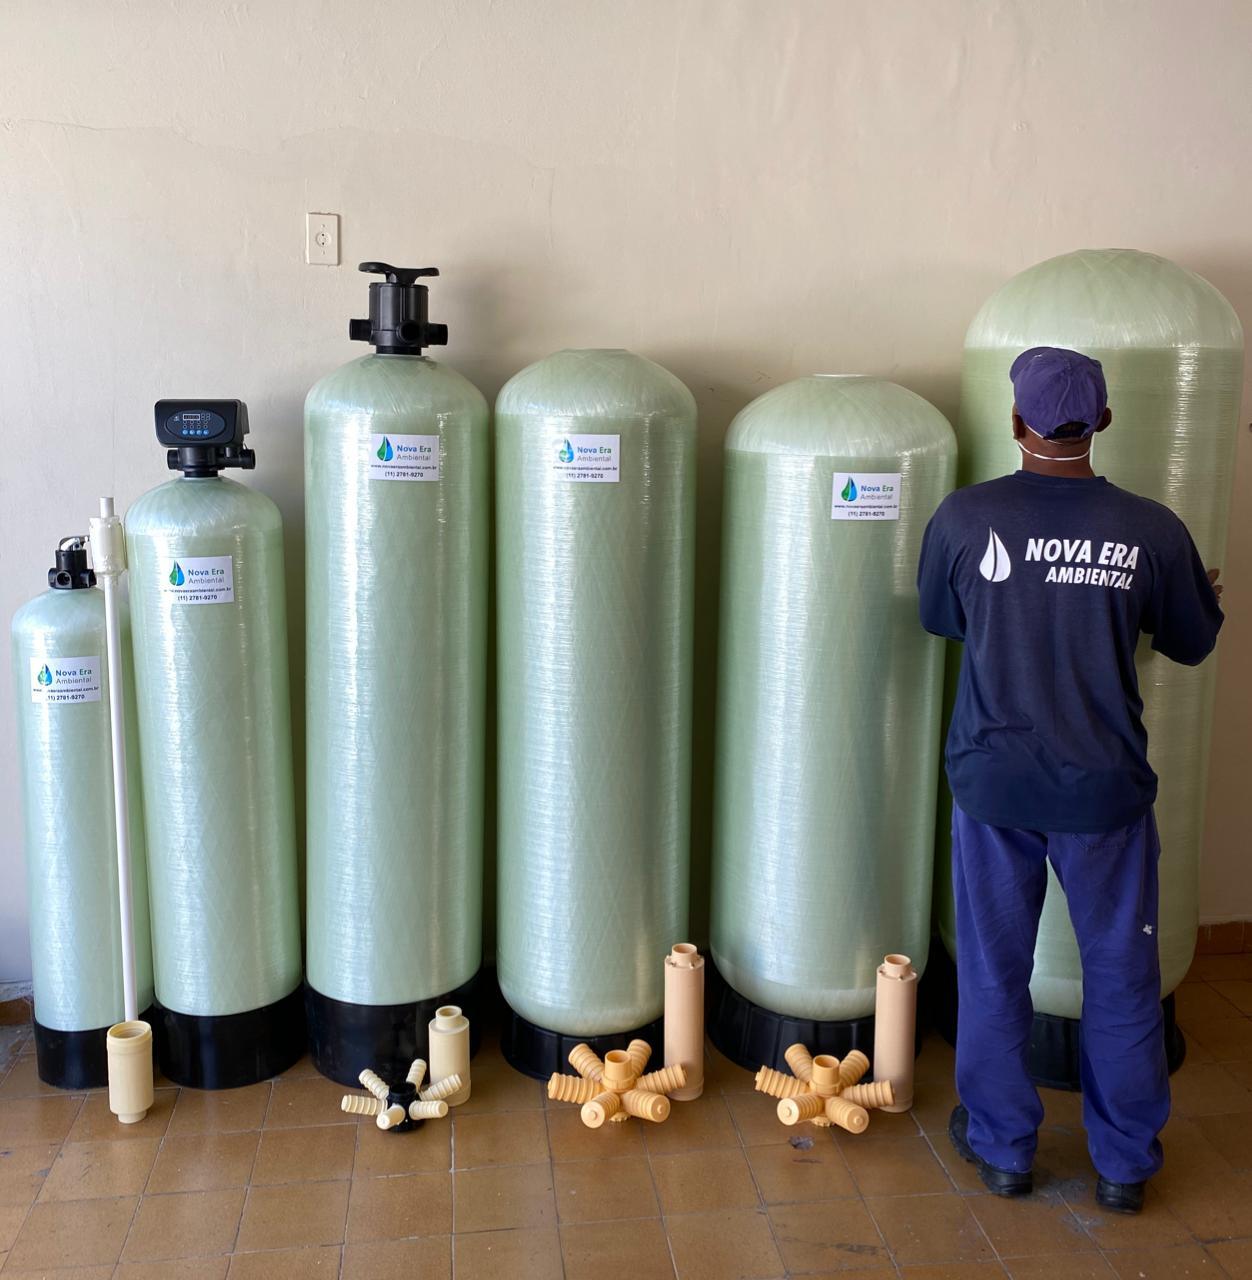 """FILTRO NEA52 MANUAL: de 5.000 a 7.500 litros/hora  ou  5 a 7,5m3/h - PADRAO 21X62"""" - inclusa válvula seletora, crepinas e tubo central"""